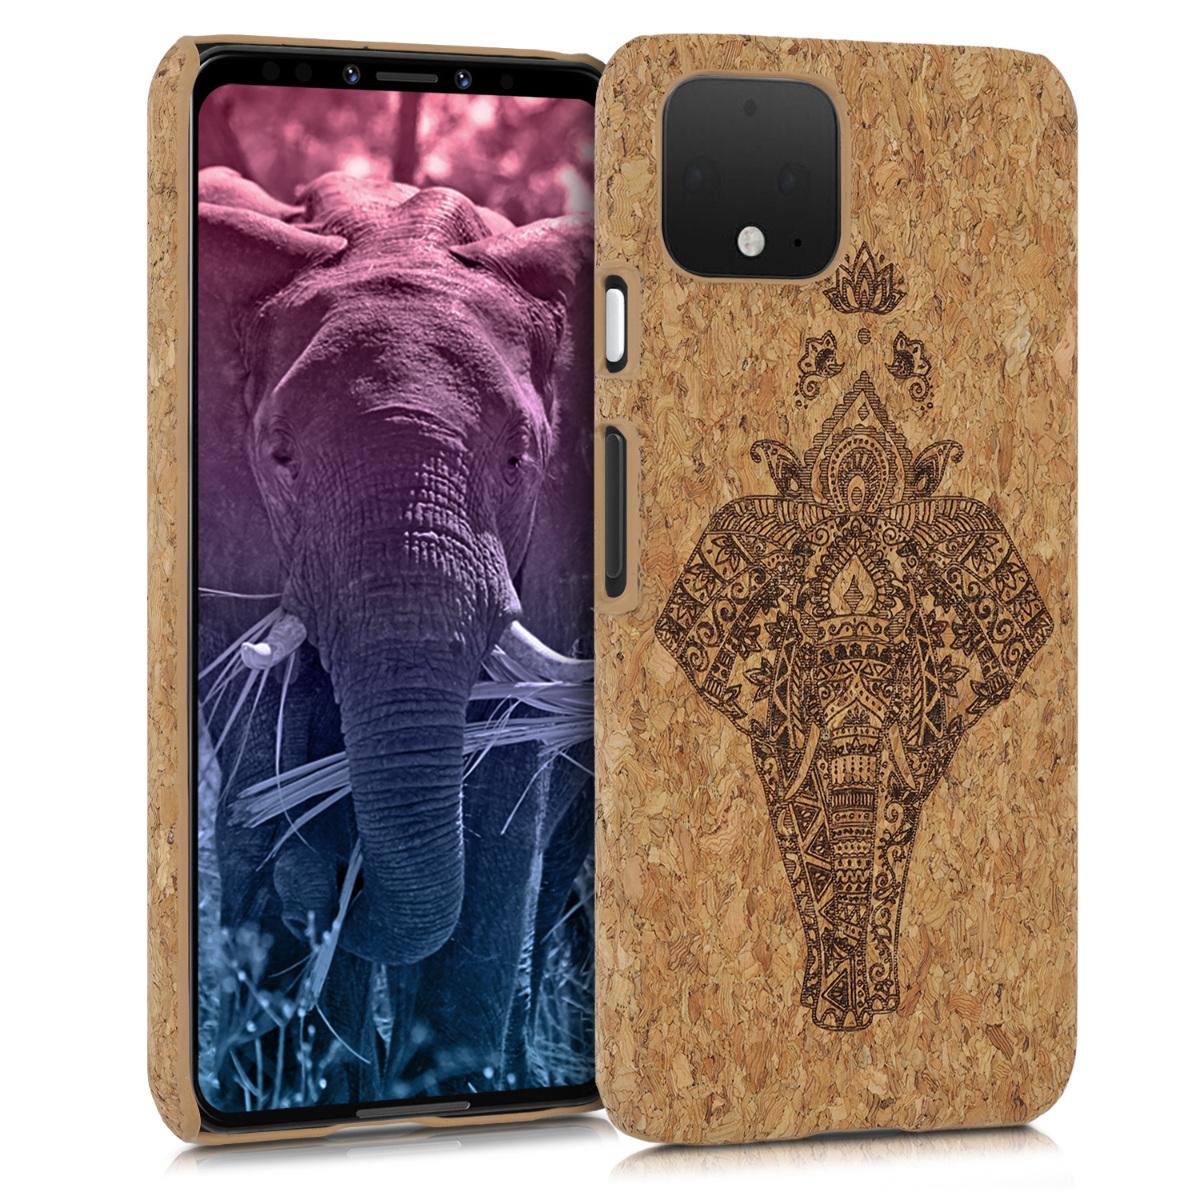 Korkové pouzdro | obal pro Google Pixel 4 - Náčrtek slona Tmavě hnědá / světle hnědá